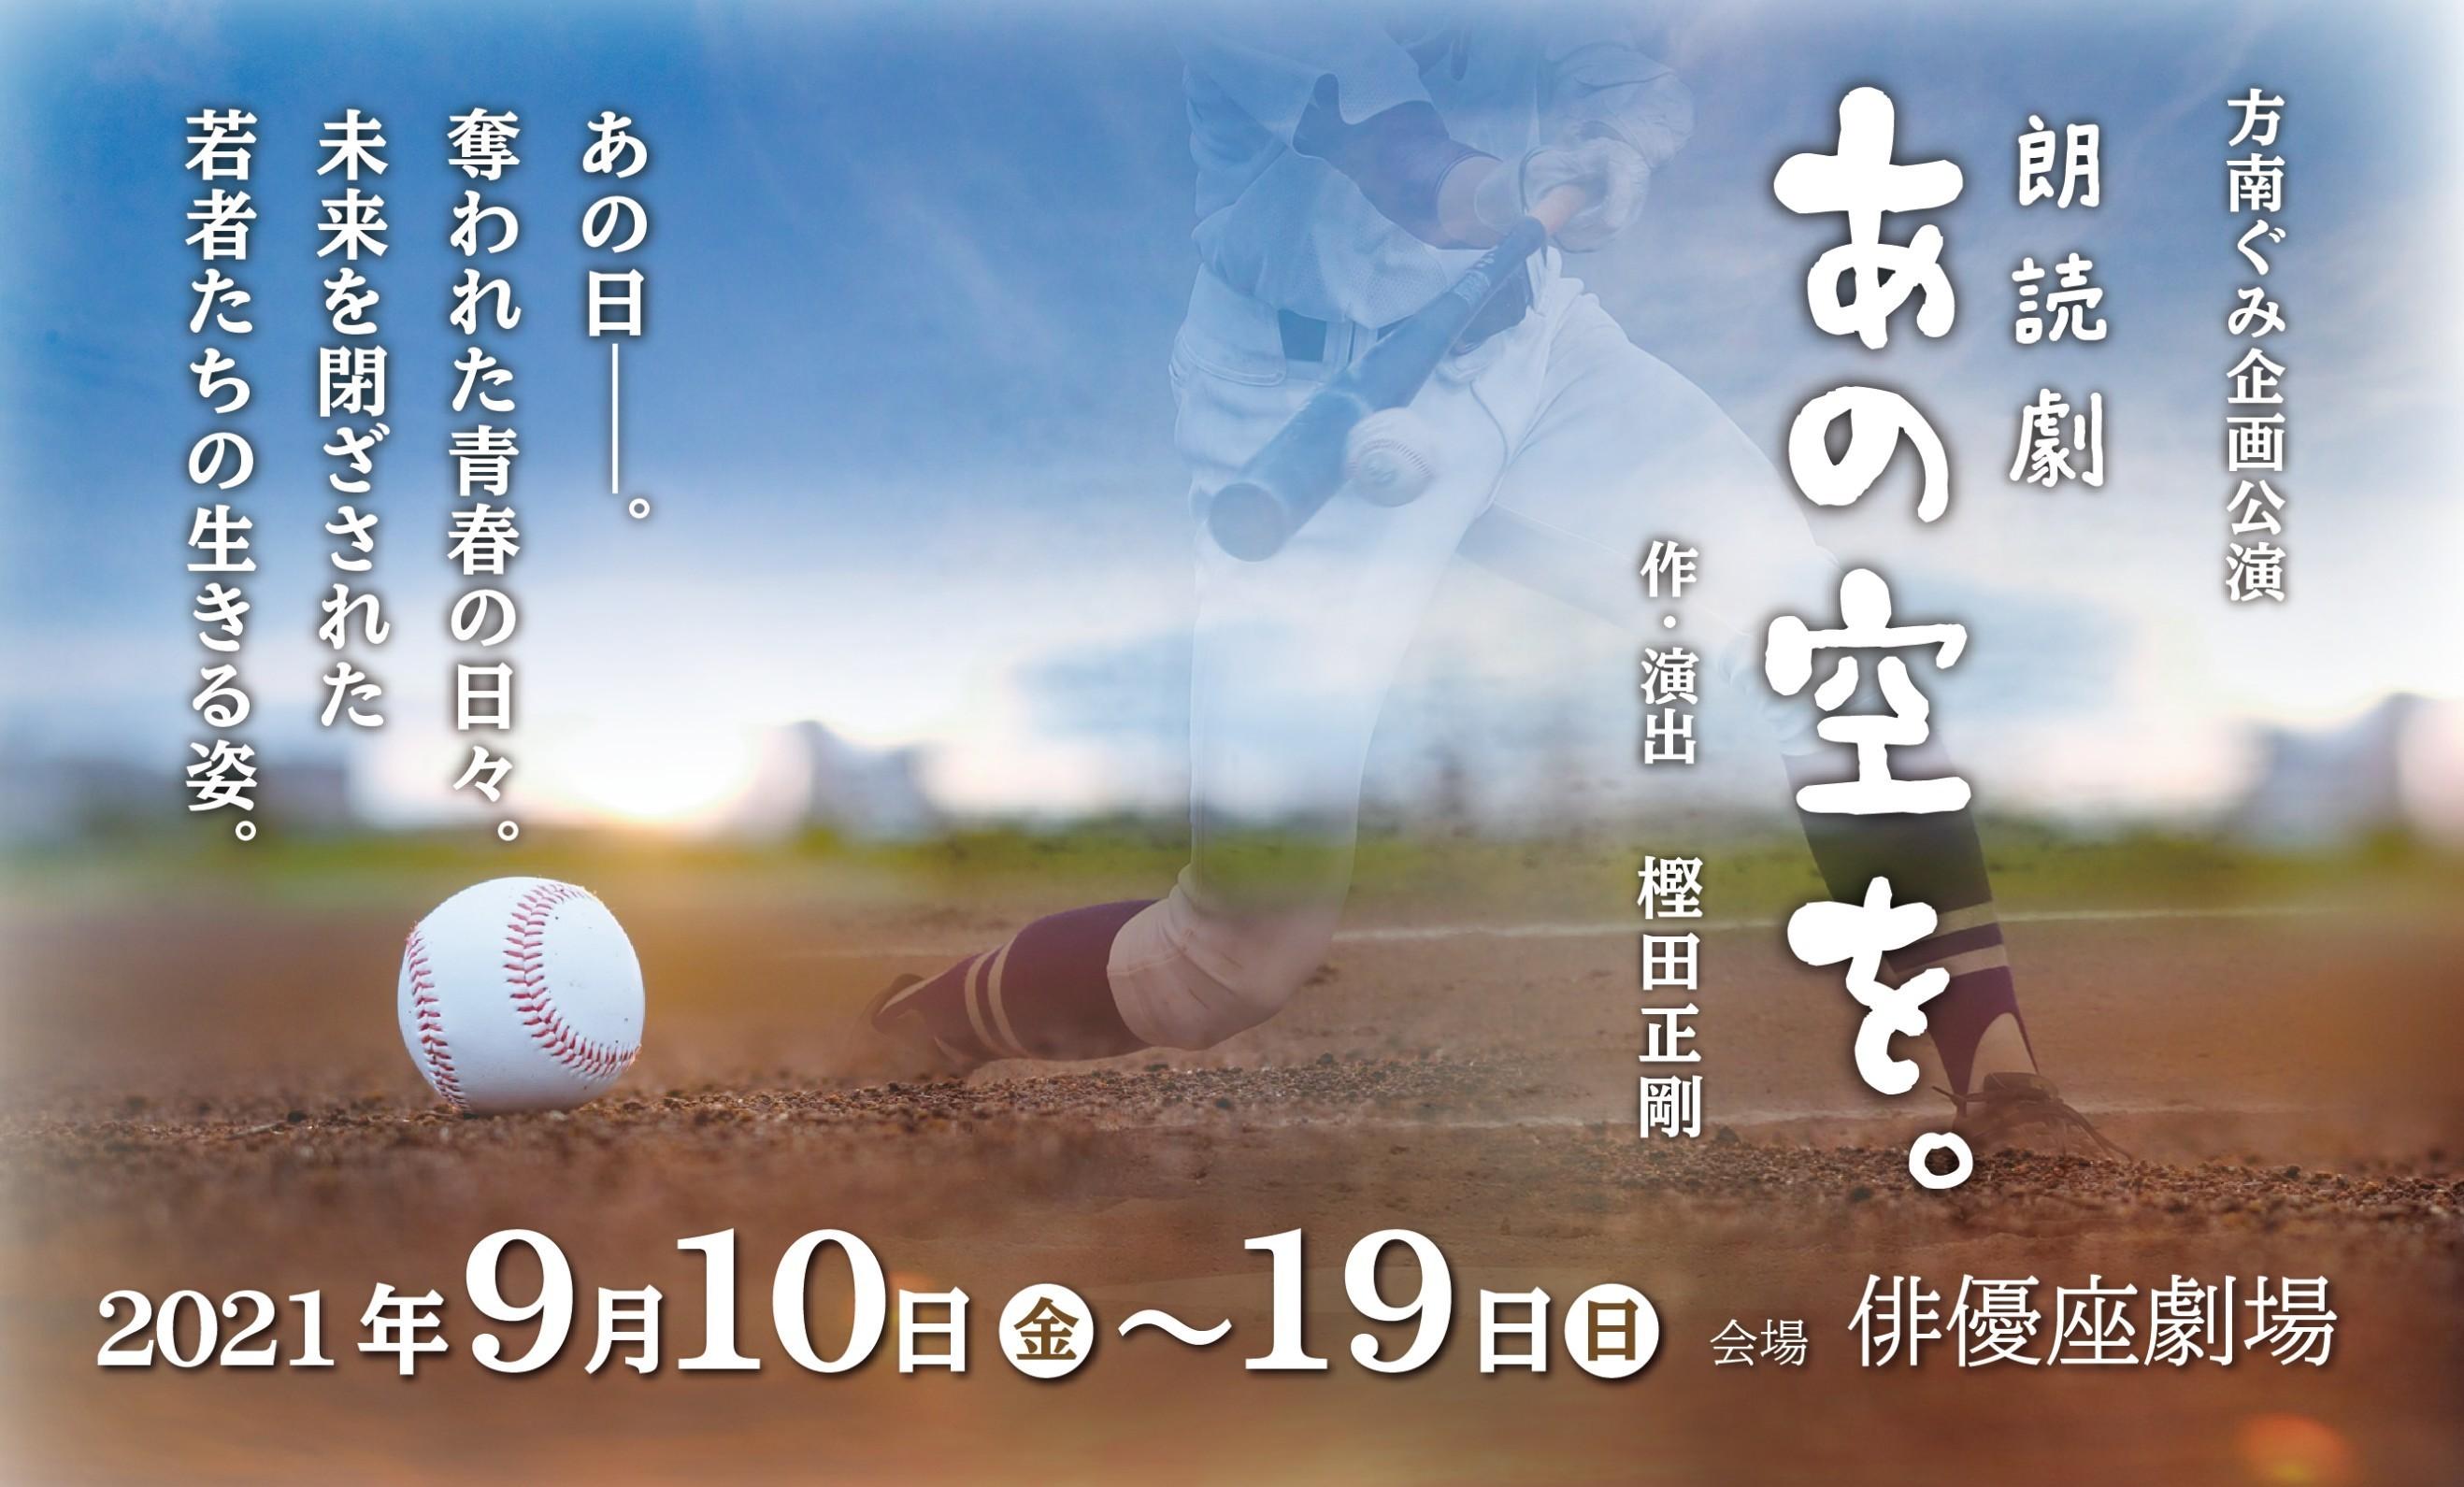 朗読劇「あの空を。」2021年9月公演@俳優座劇場